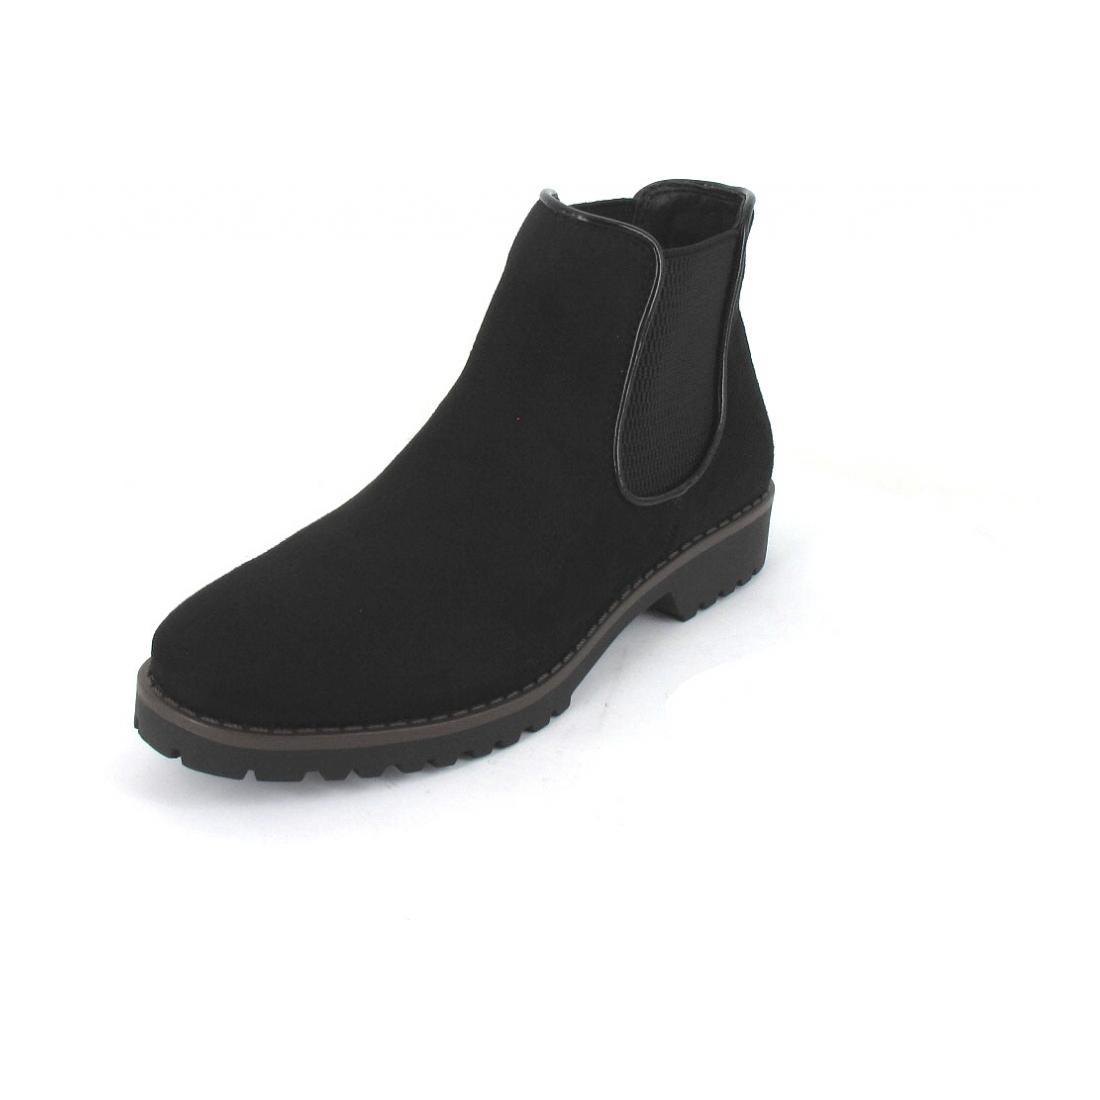 Jane Klain Chelsea Boot